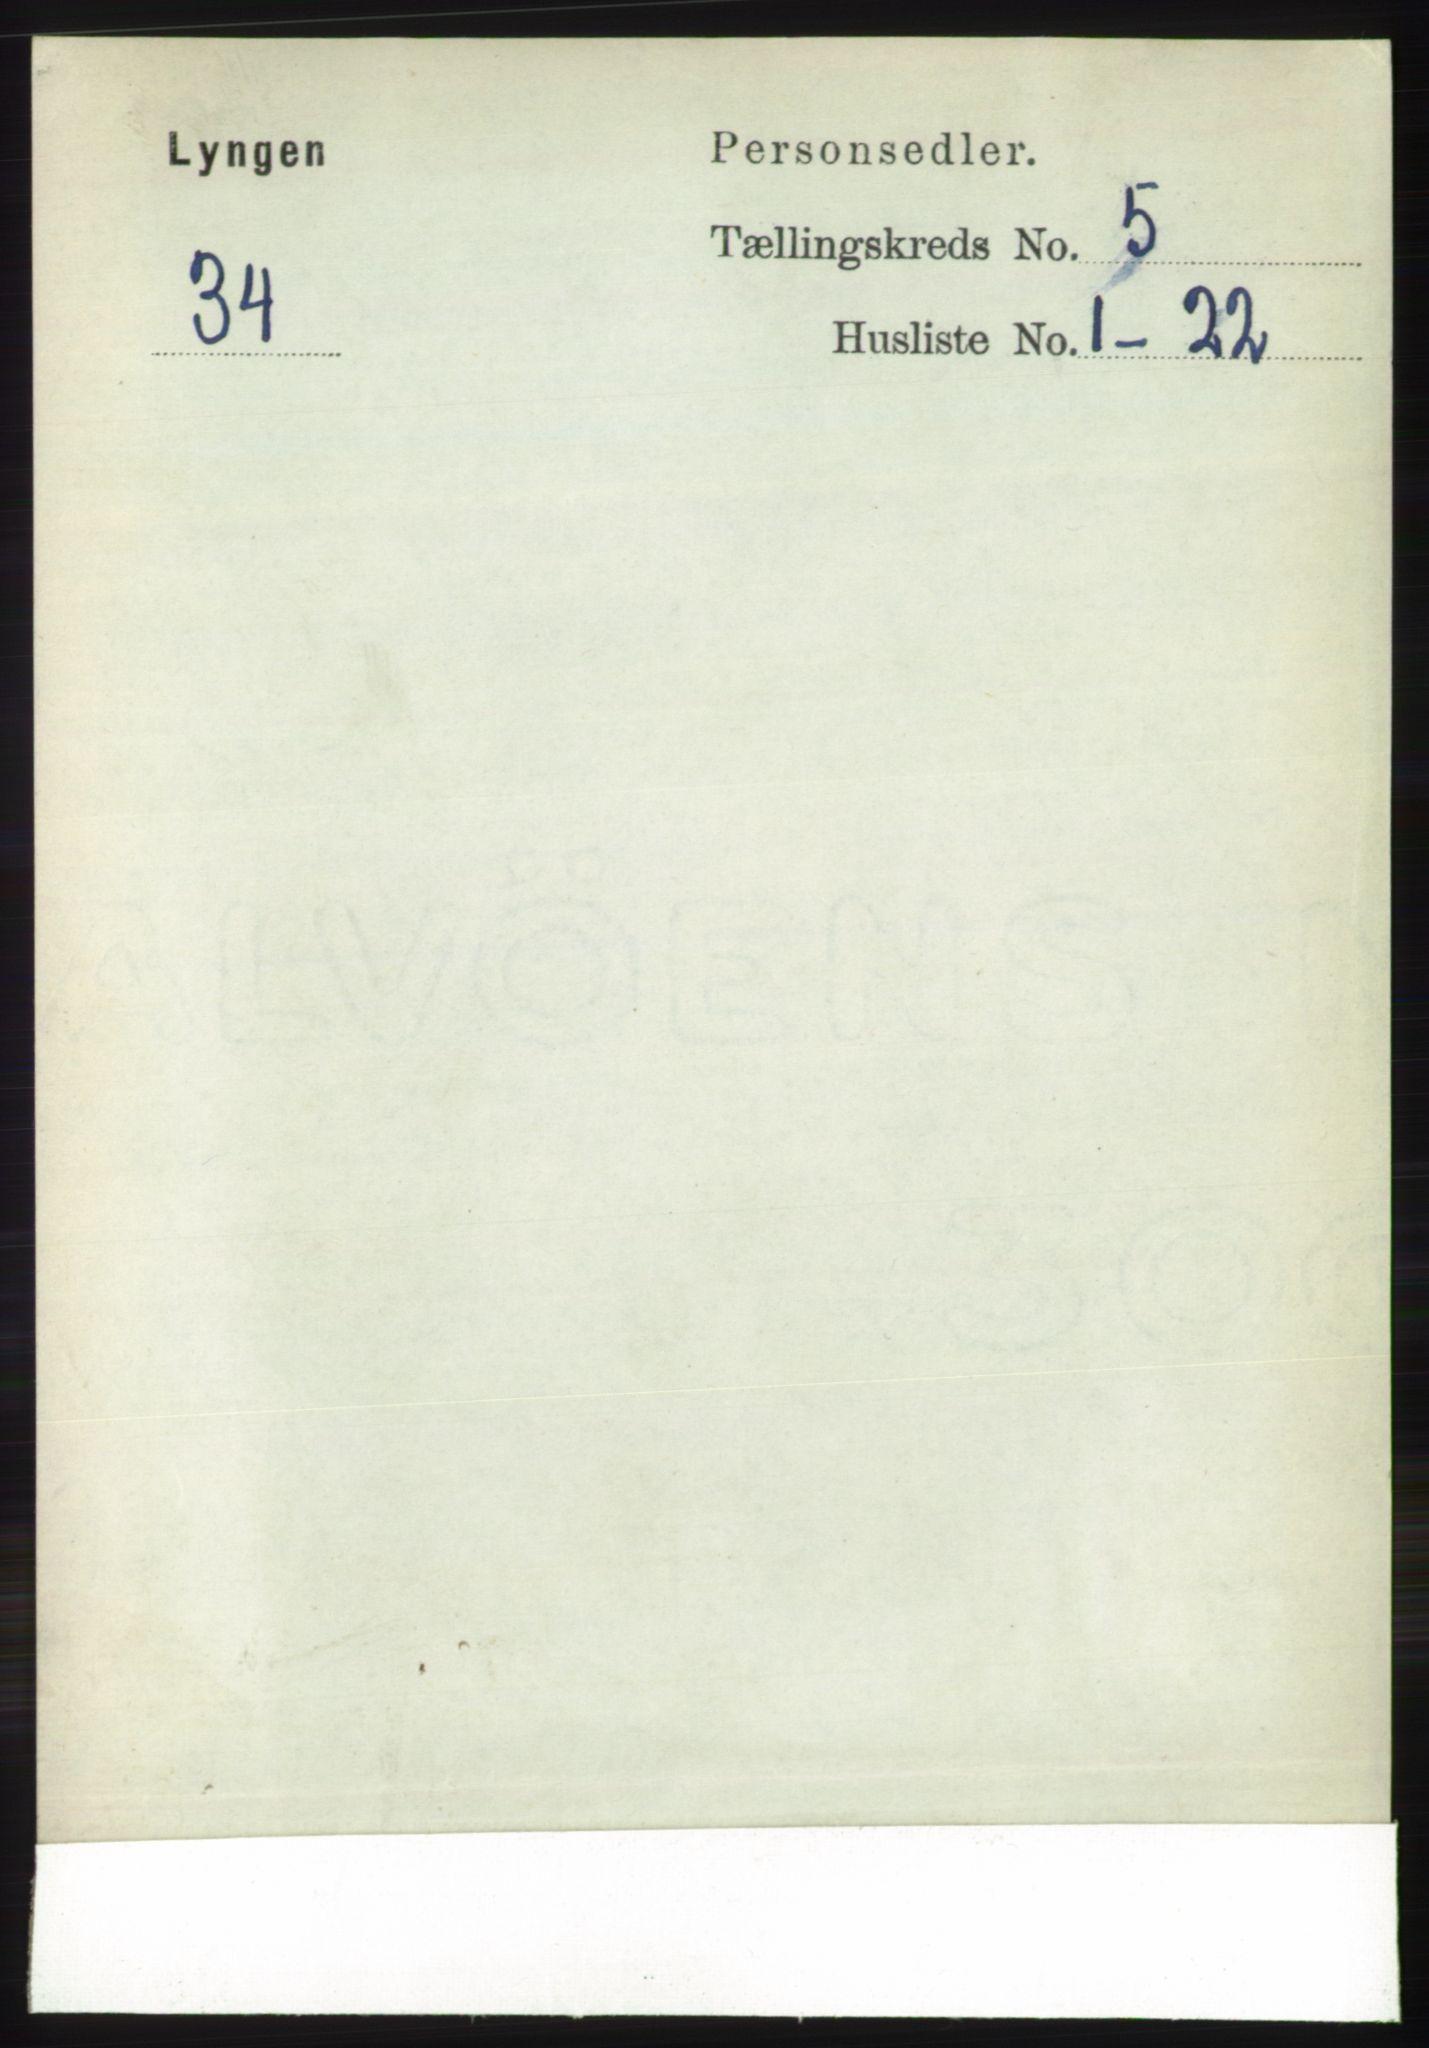 RA, Folketelling 1891 for 1938 Lyngen herred, 1891, s. 4416